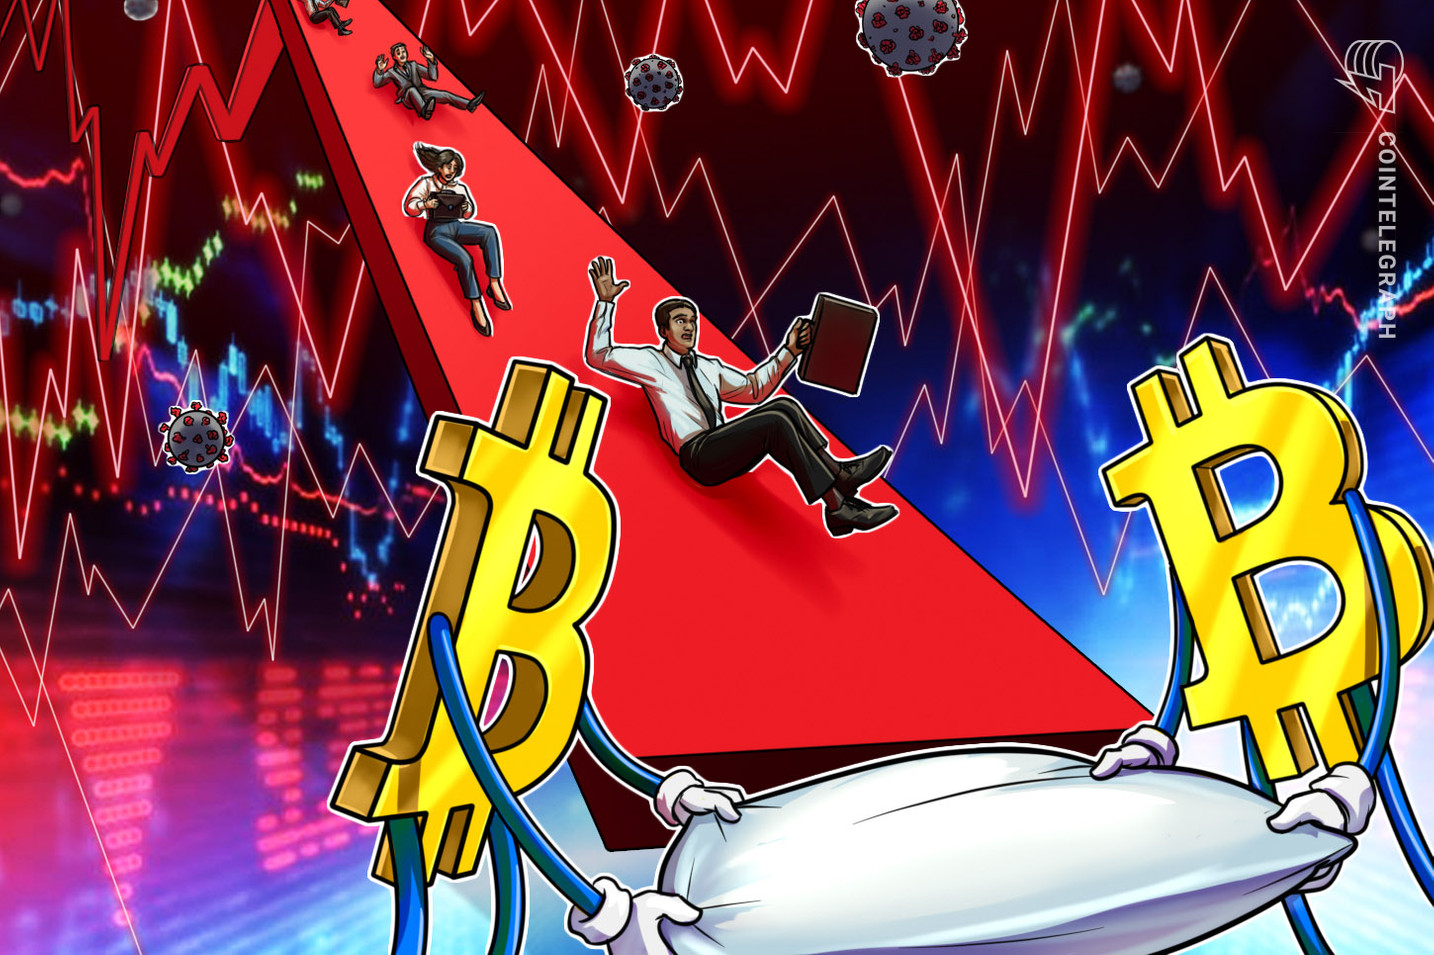 La peor crisis del siglo está preparando el escenario para Bitcoin